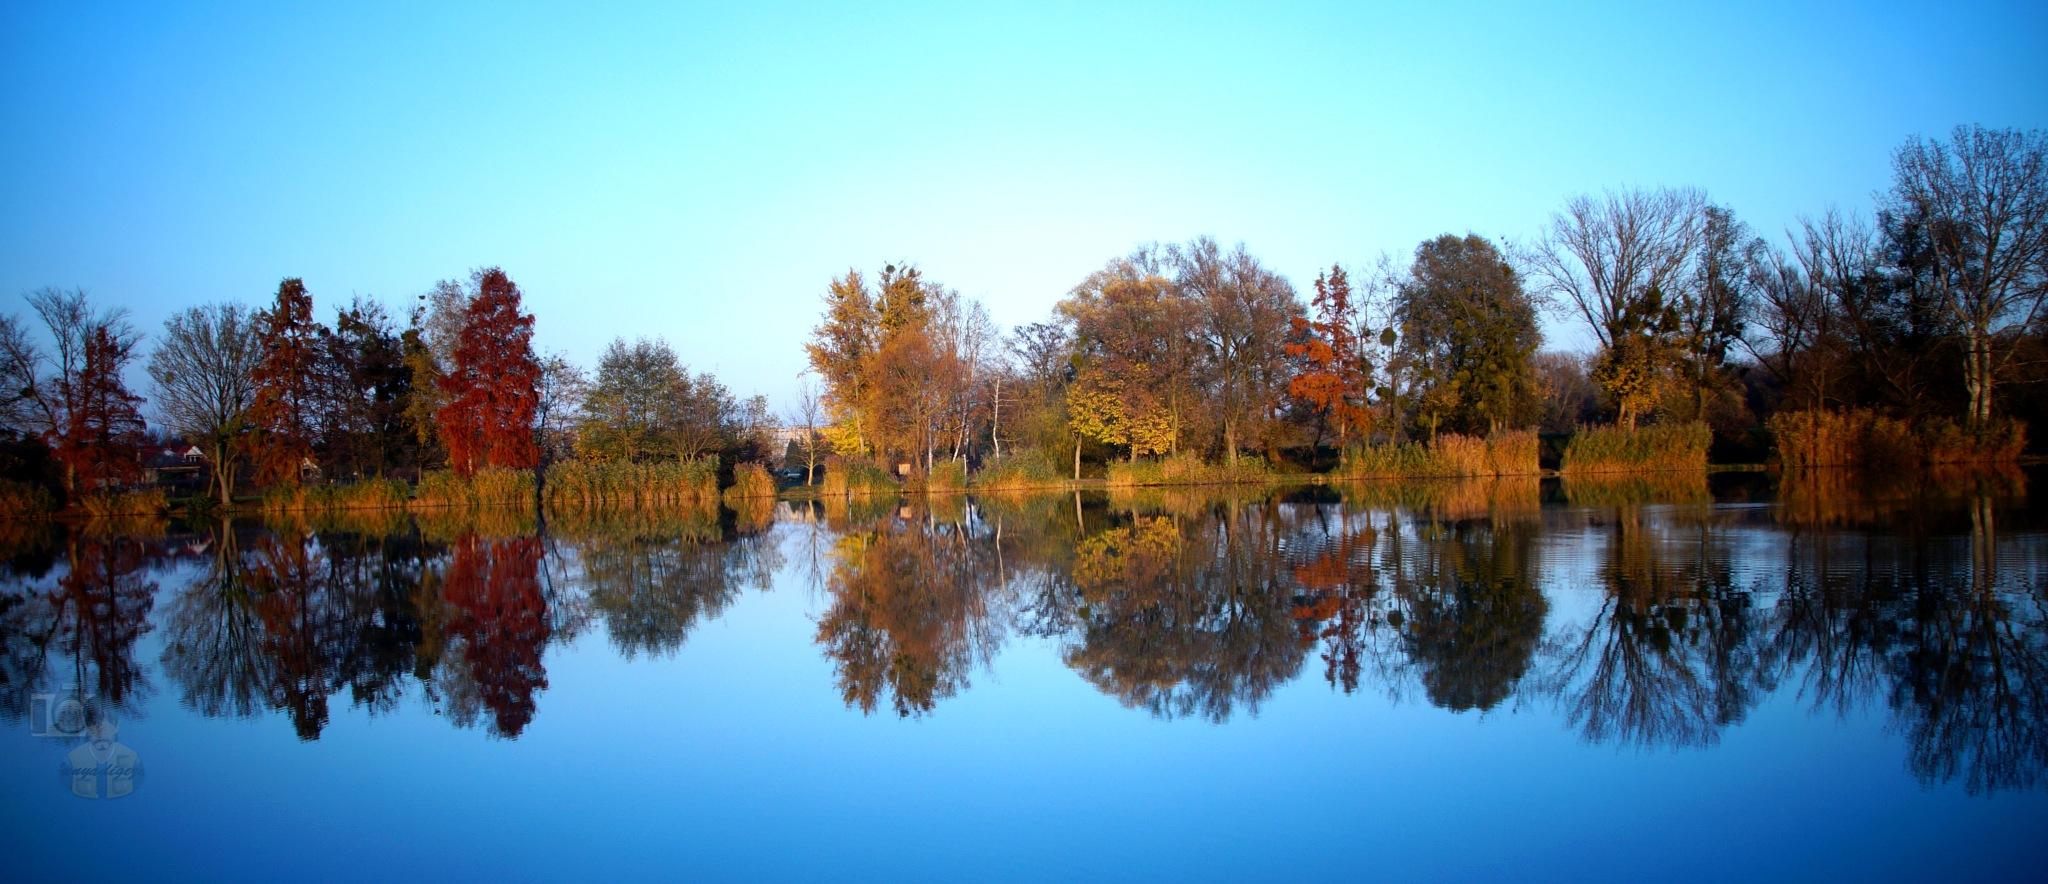 Nov.09, autumn in city park #5 reflection by hunyadigeza